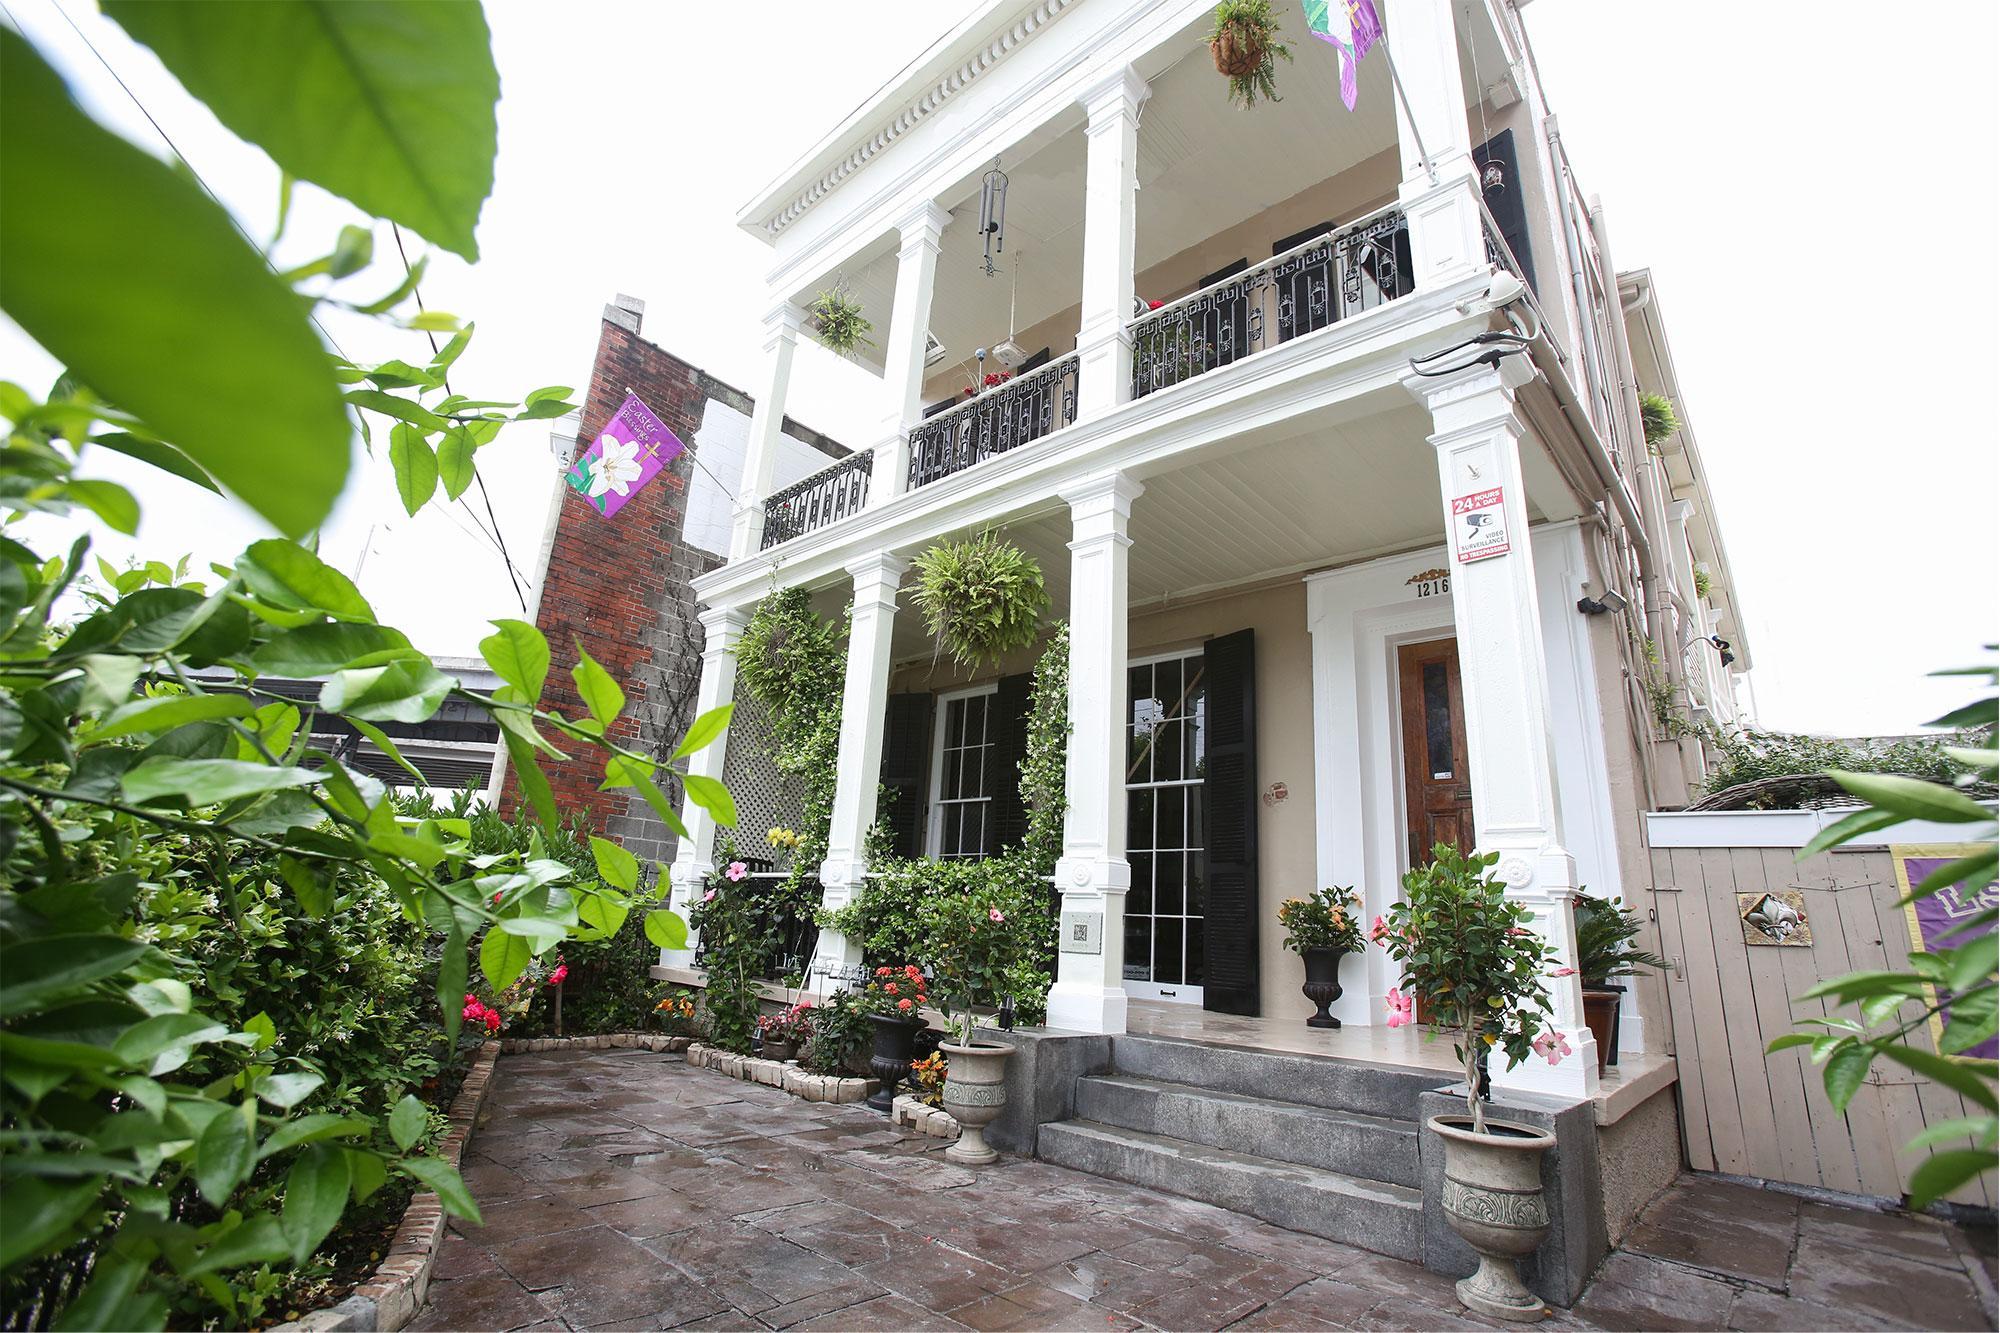 garden district hotels new orleans. Garden District Hotels New Orleans F